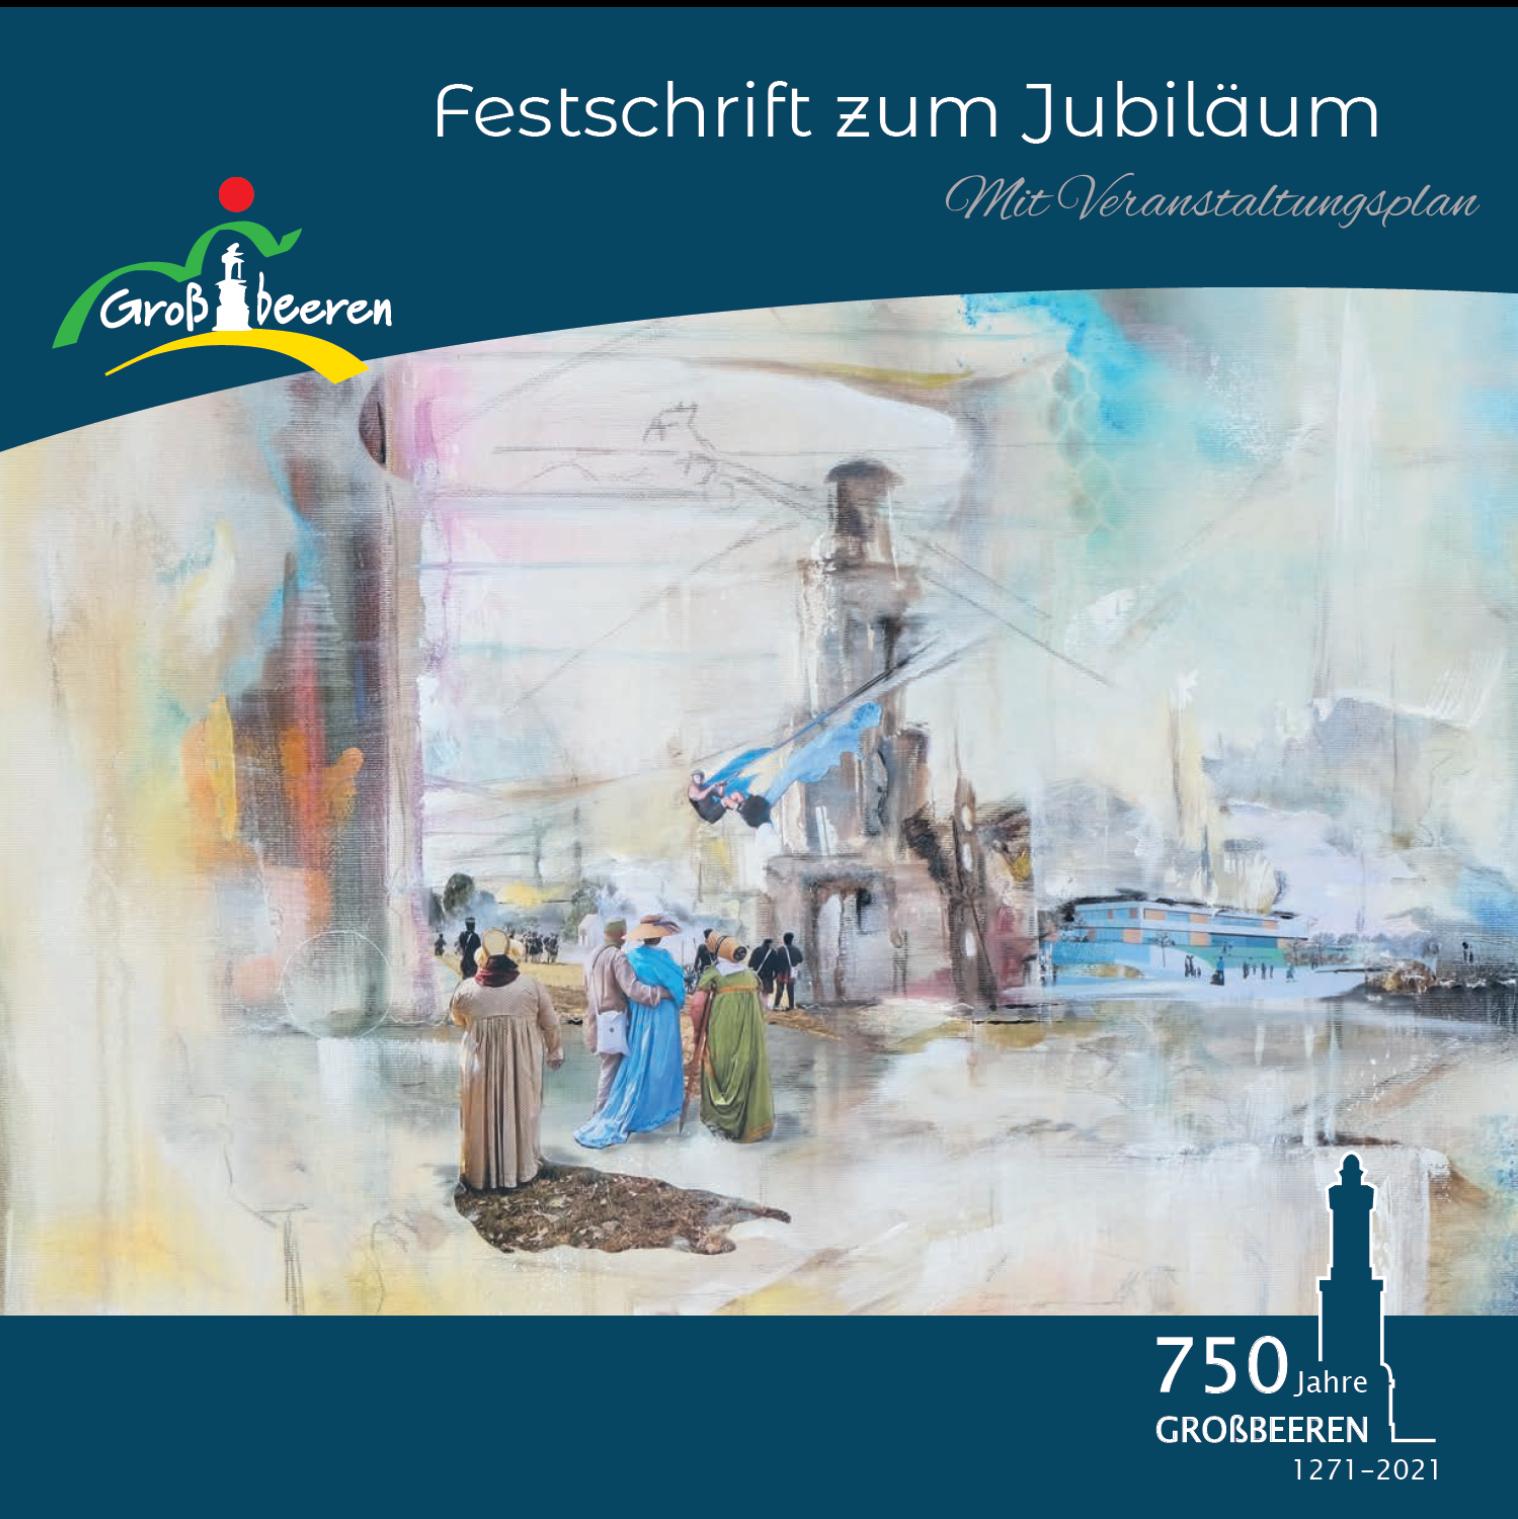 20.2., Festschrift mit Gemälde der Großbeerener Malerin Ulrike Gollnow, 3. Markthallen-Galerie A22